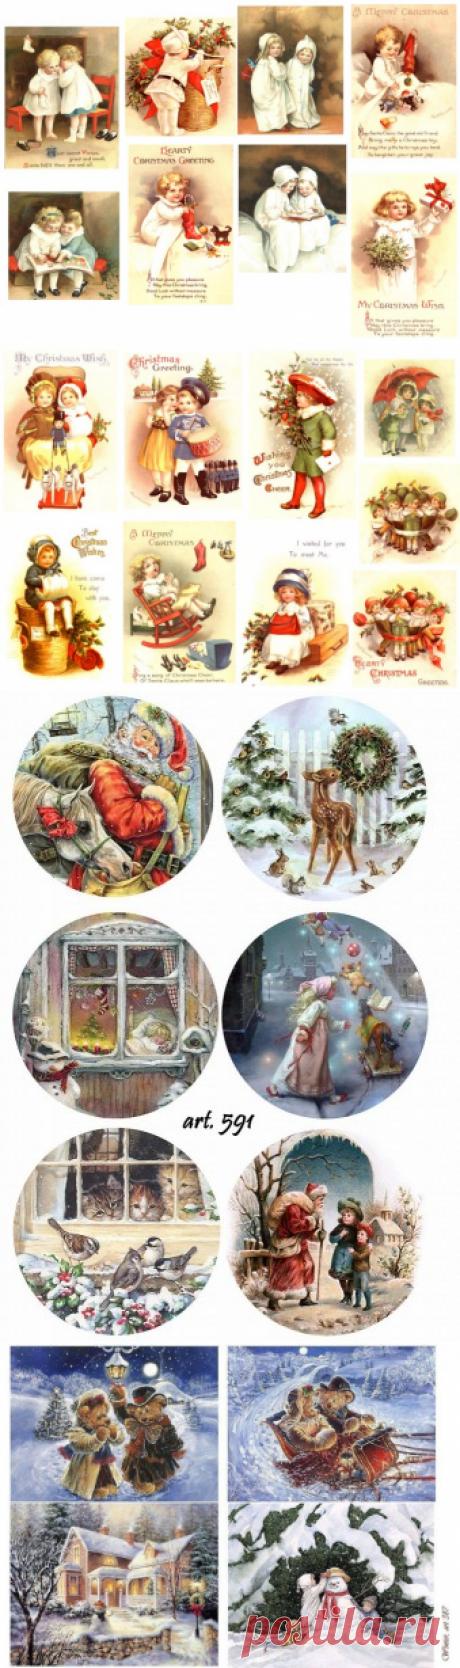 Las estampas de la dimensión pequeña, para las bolas del árbol de Noel y otros artículos